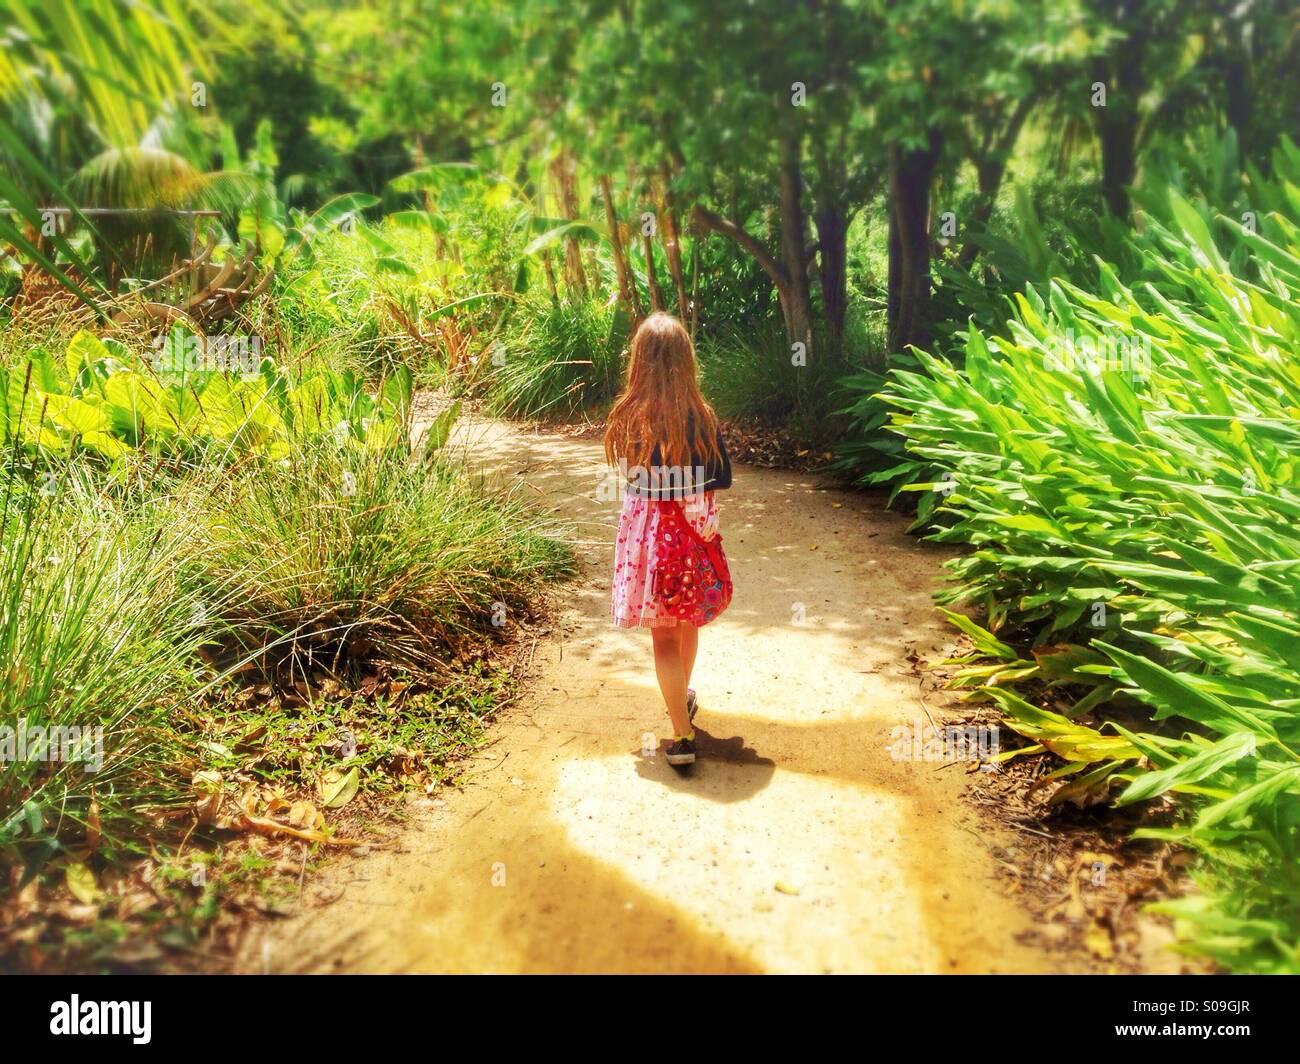 Una bambina camminando su un sentiero nella giungla. Immagini Stock